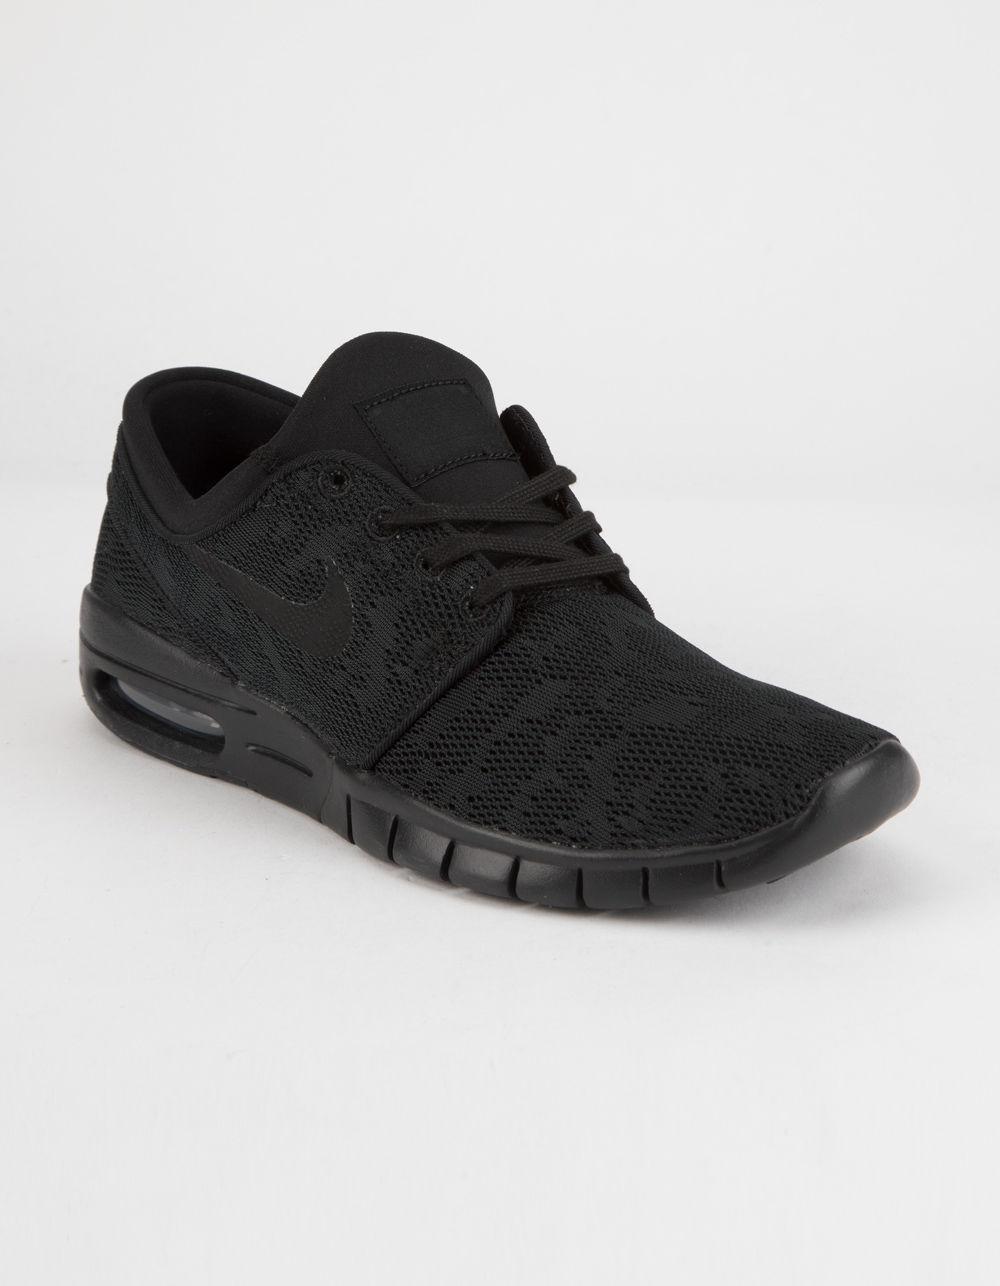 watch 68e85 598b0 Lyst - Nike Sb Stefan Janoski Max Shoes in Black for Men